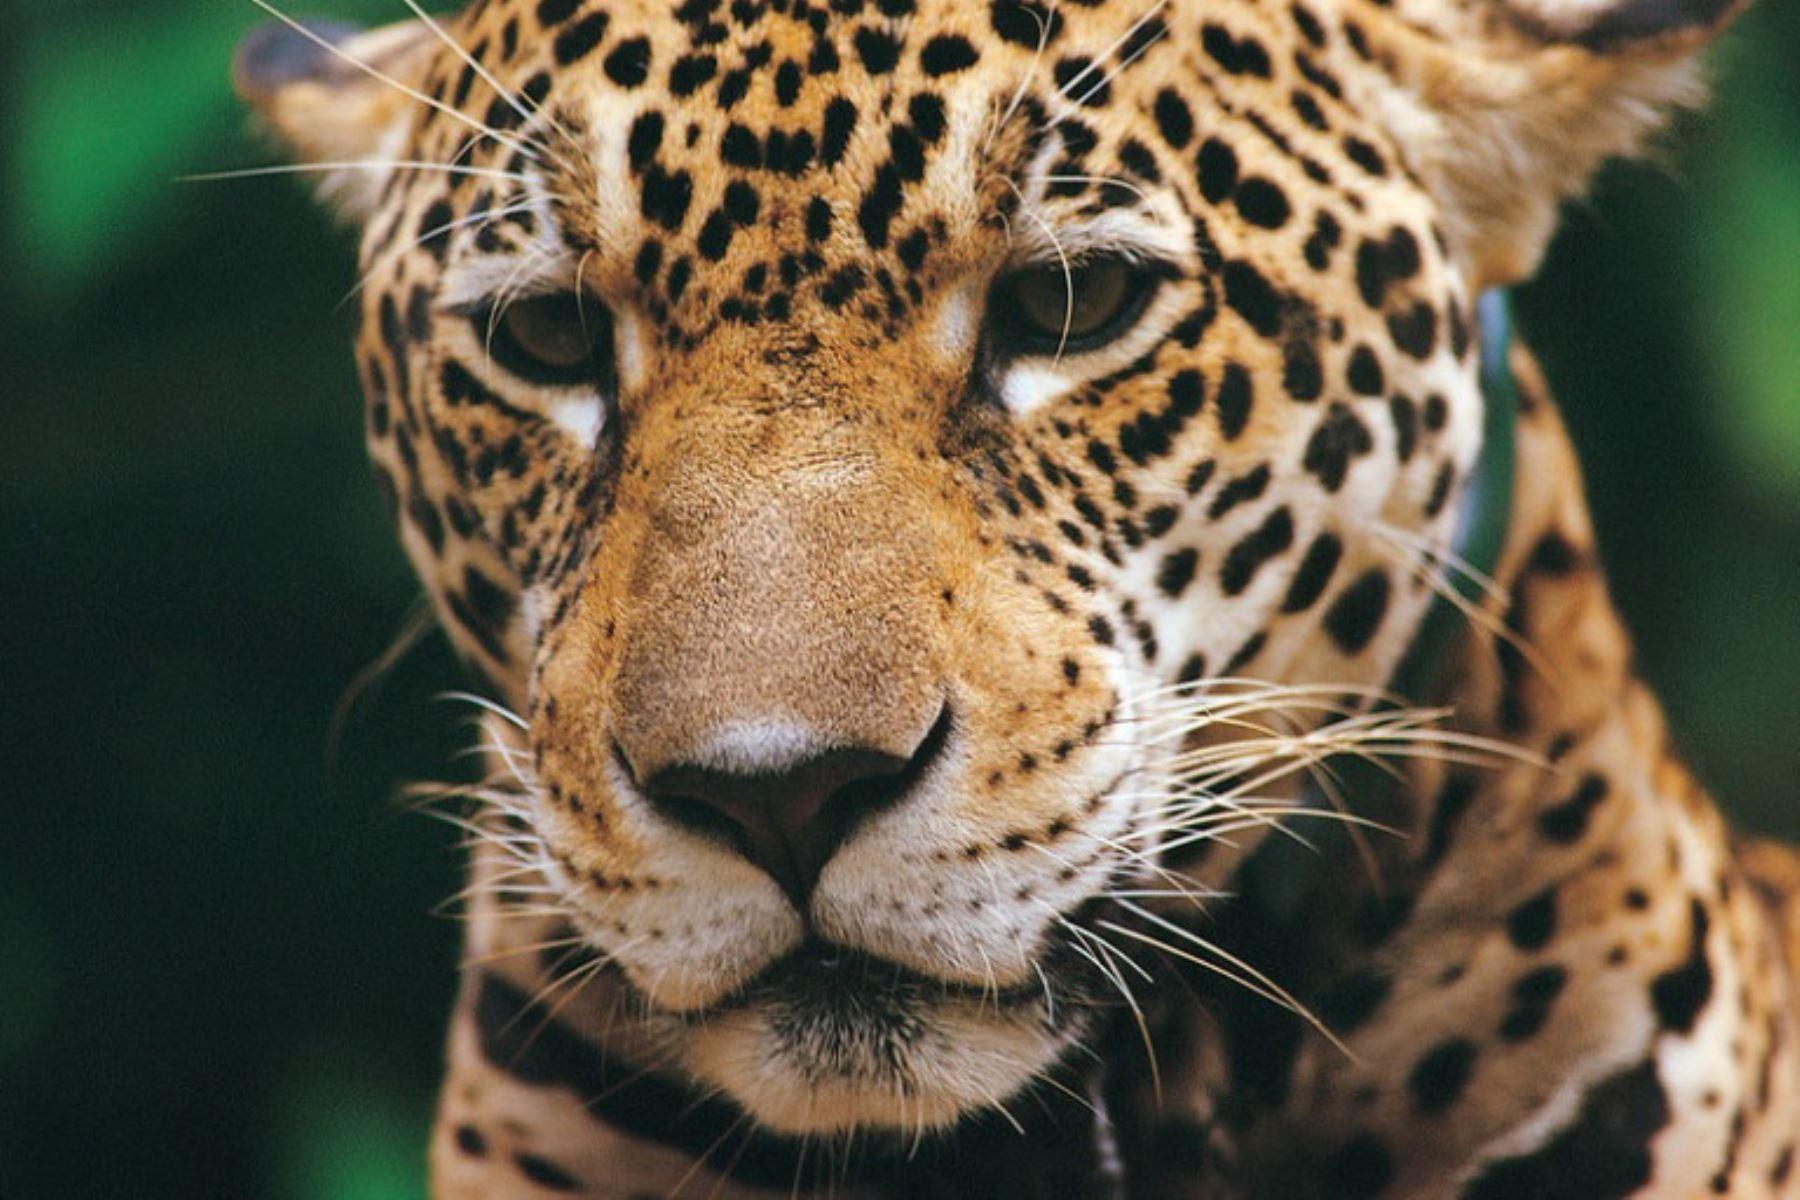 El Perú, representando por el Servicio Nacional Forestal y de Fauna Silvestre (Serfor), junto a cinco países latinoamericanos, solicitará que se incluya la máxima protección al jaguar en la 13ª Reunión de la Conferencia de las Partes de la Convención sobre las Especies Migratorias (COP 13-CMS), que se desarrolla hasta el 22 de febrero en Gandhinagar, India.